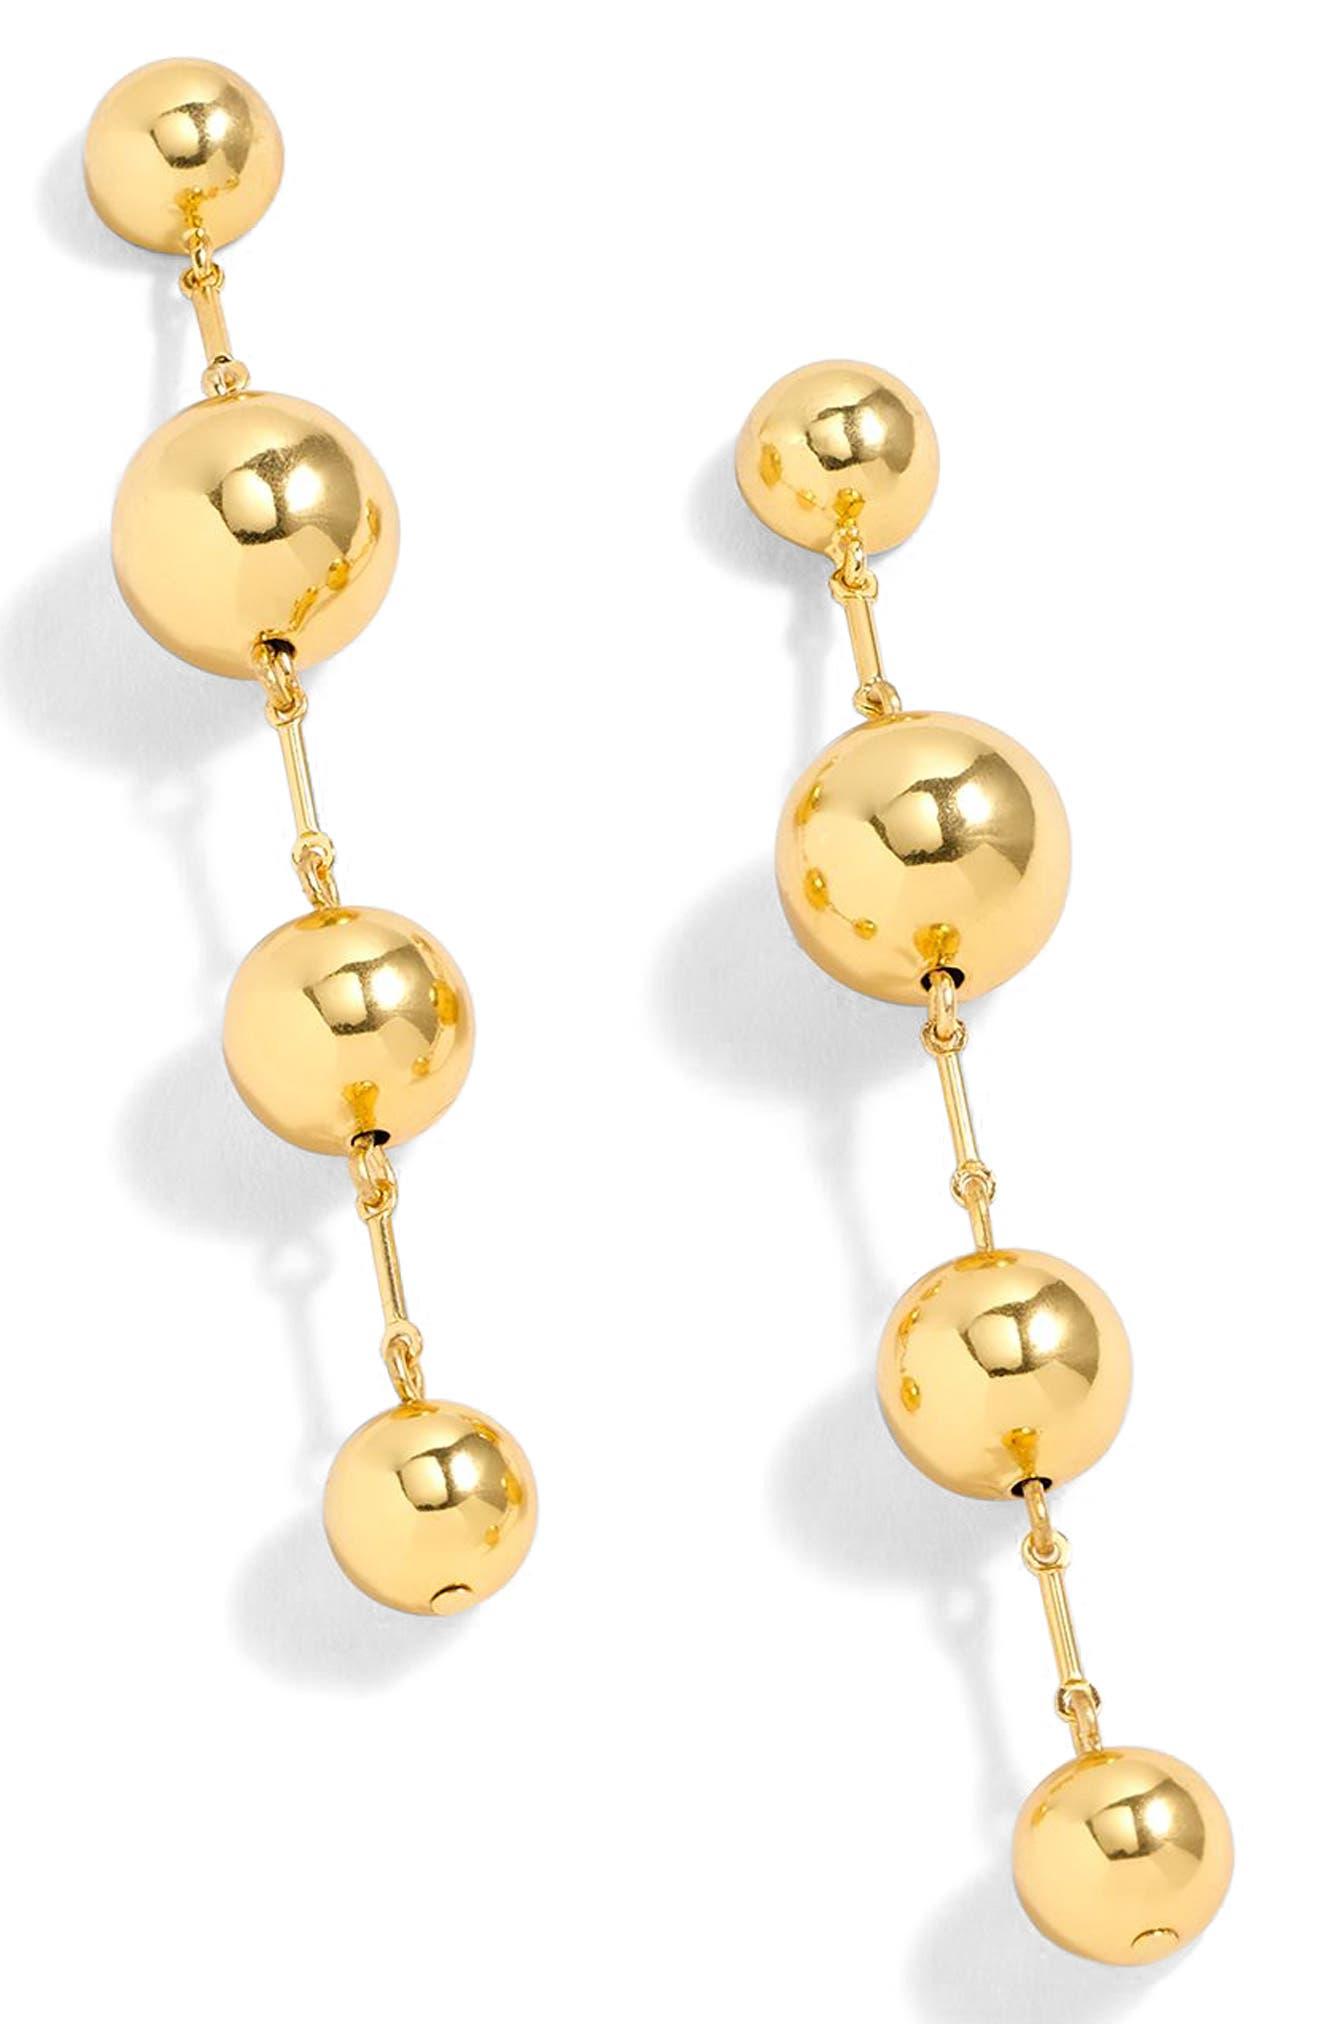 Main Image - J.Crew Ball Drop Earrings